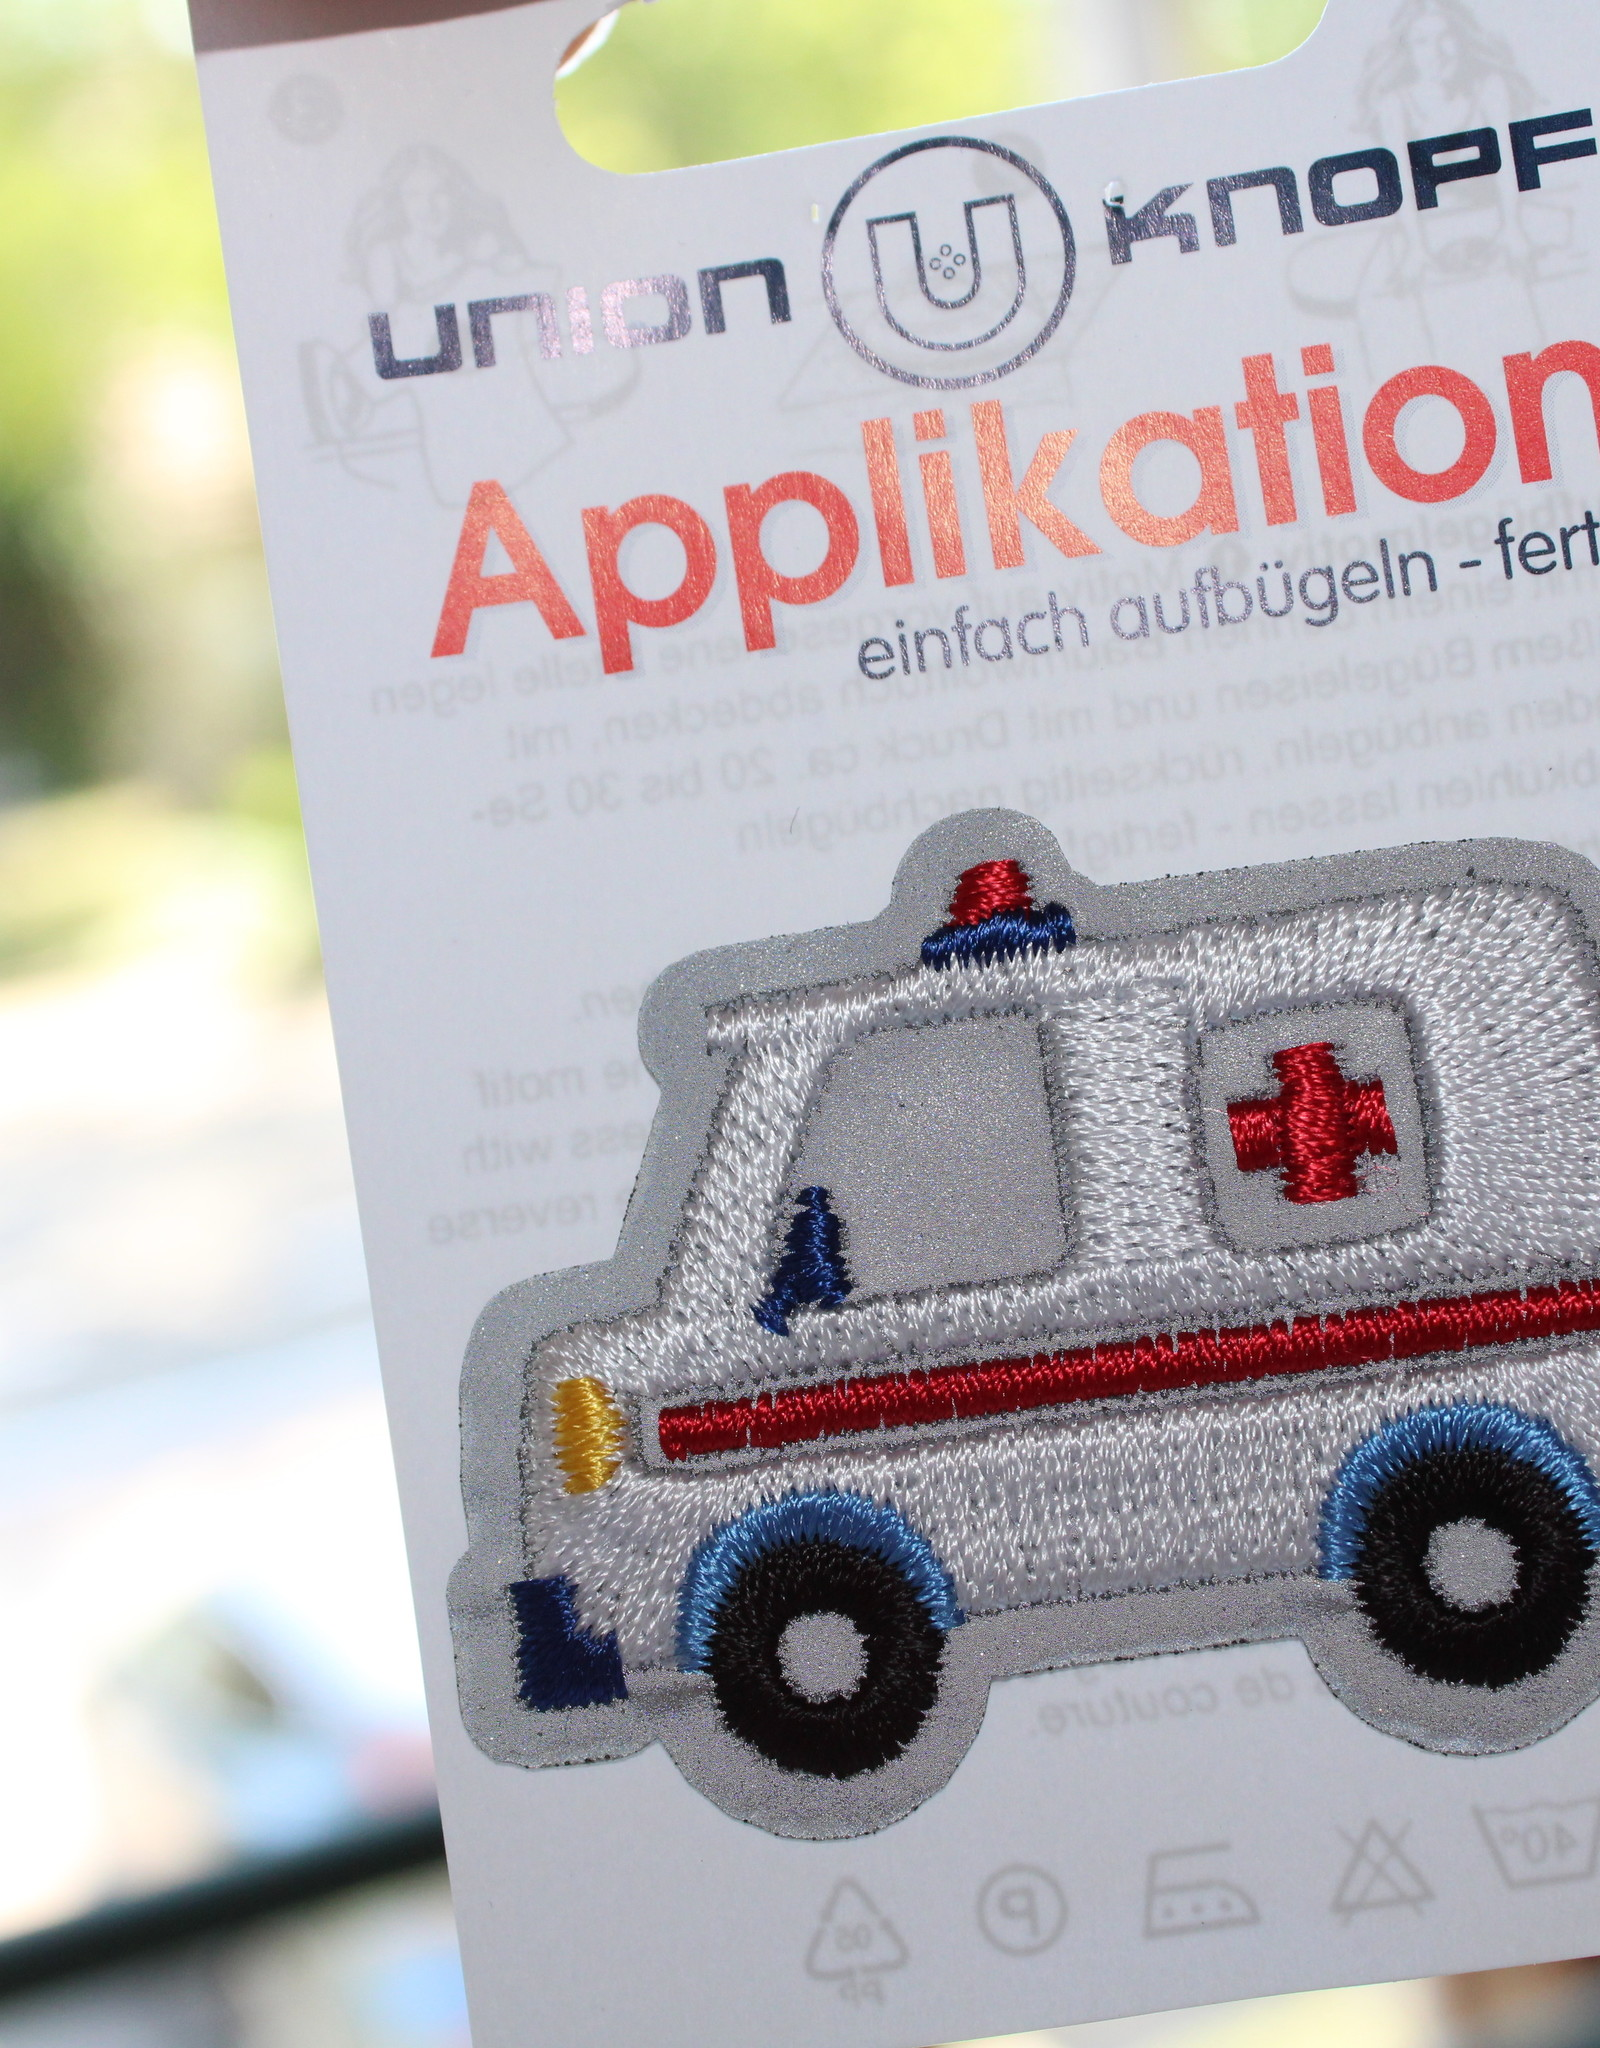 Union Knopf applicatie ziekenwagen